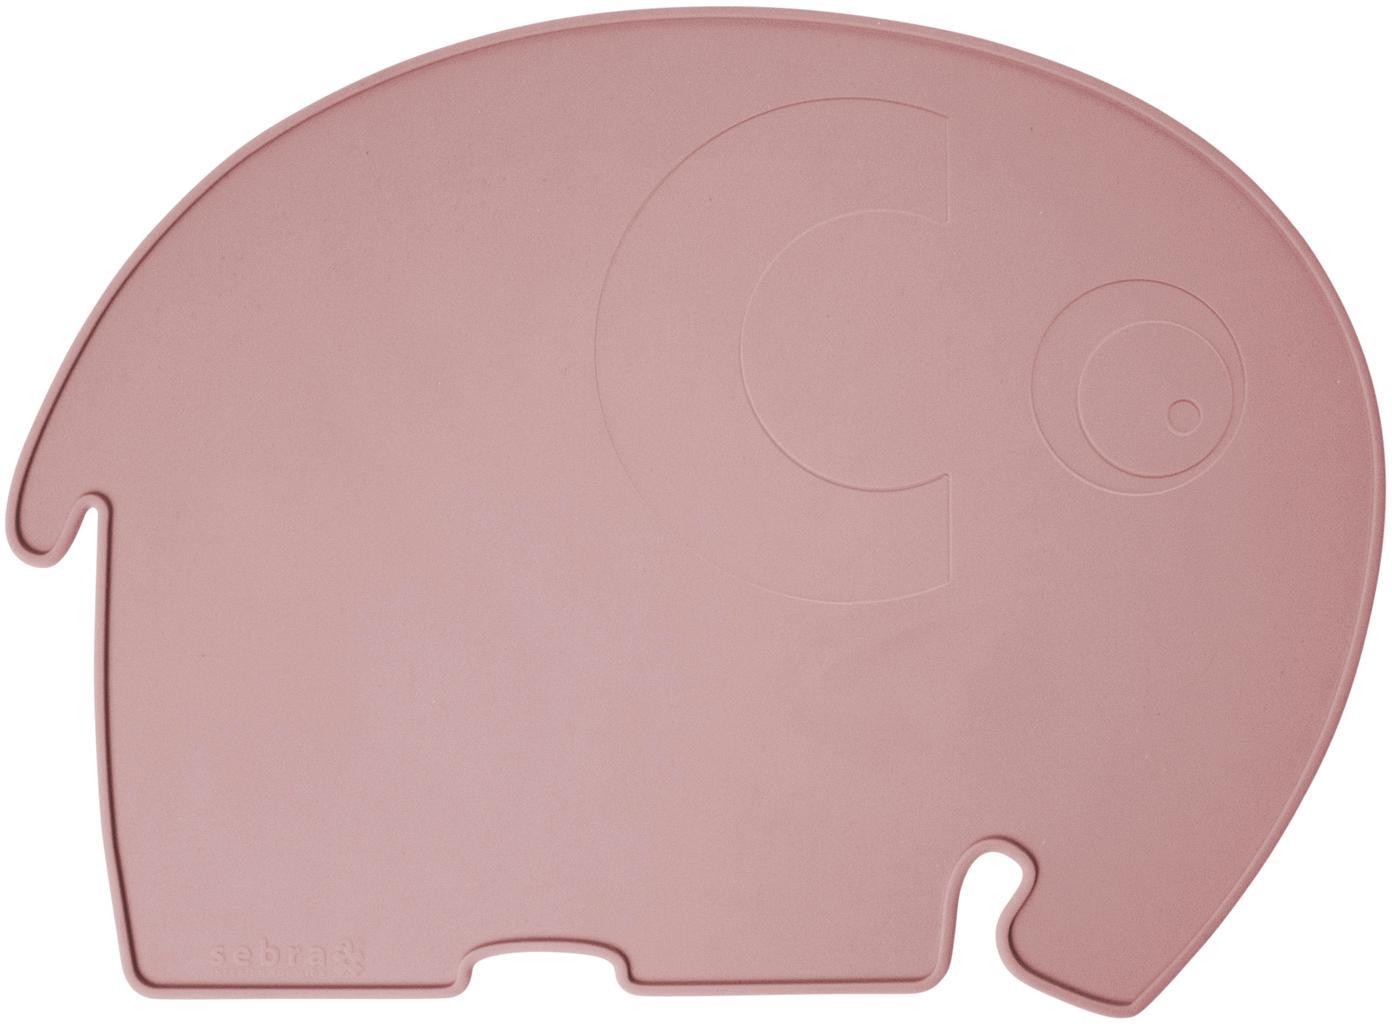 Placemat Fanto, Siliconen, BPA-vrij, Roze, 43 x 33 cm